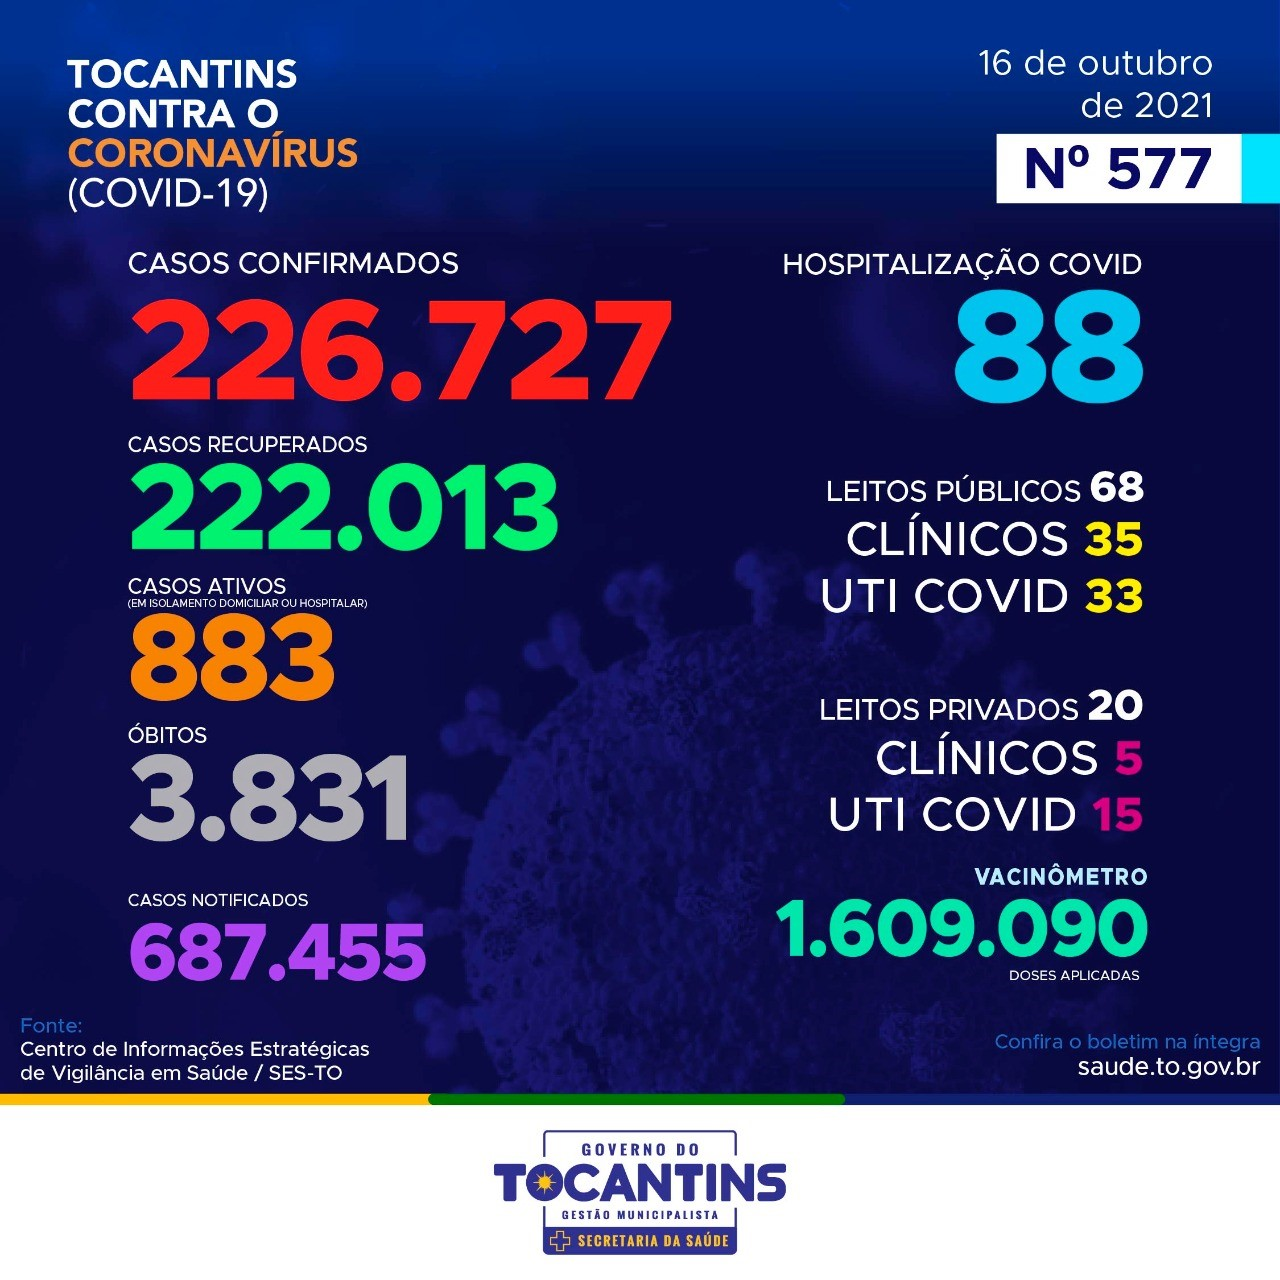 Tocantins registra 39 novos casos de Covid-19 nas últimas 24 horas